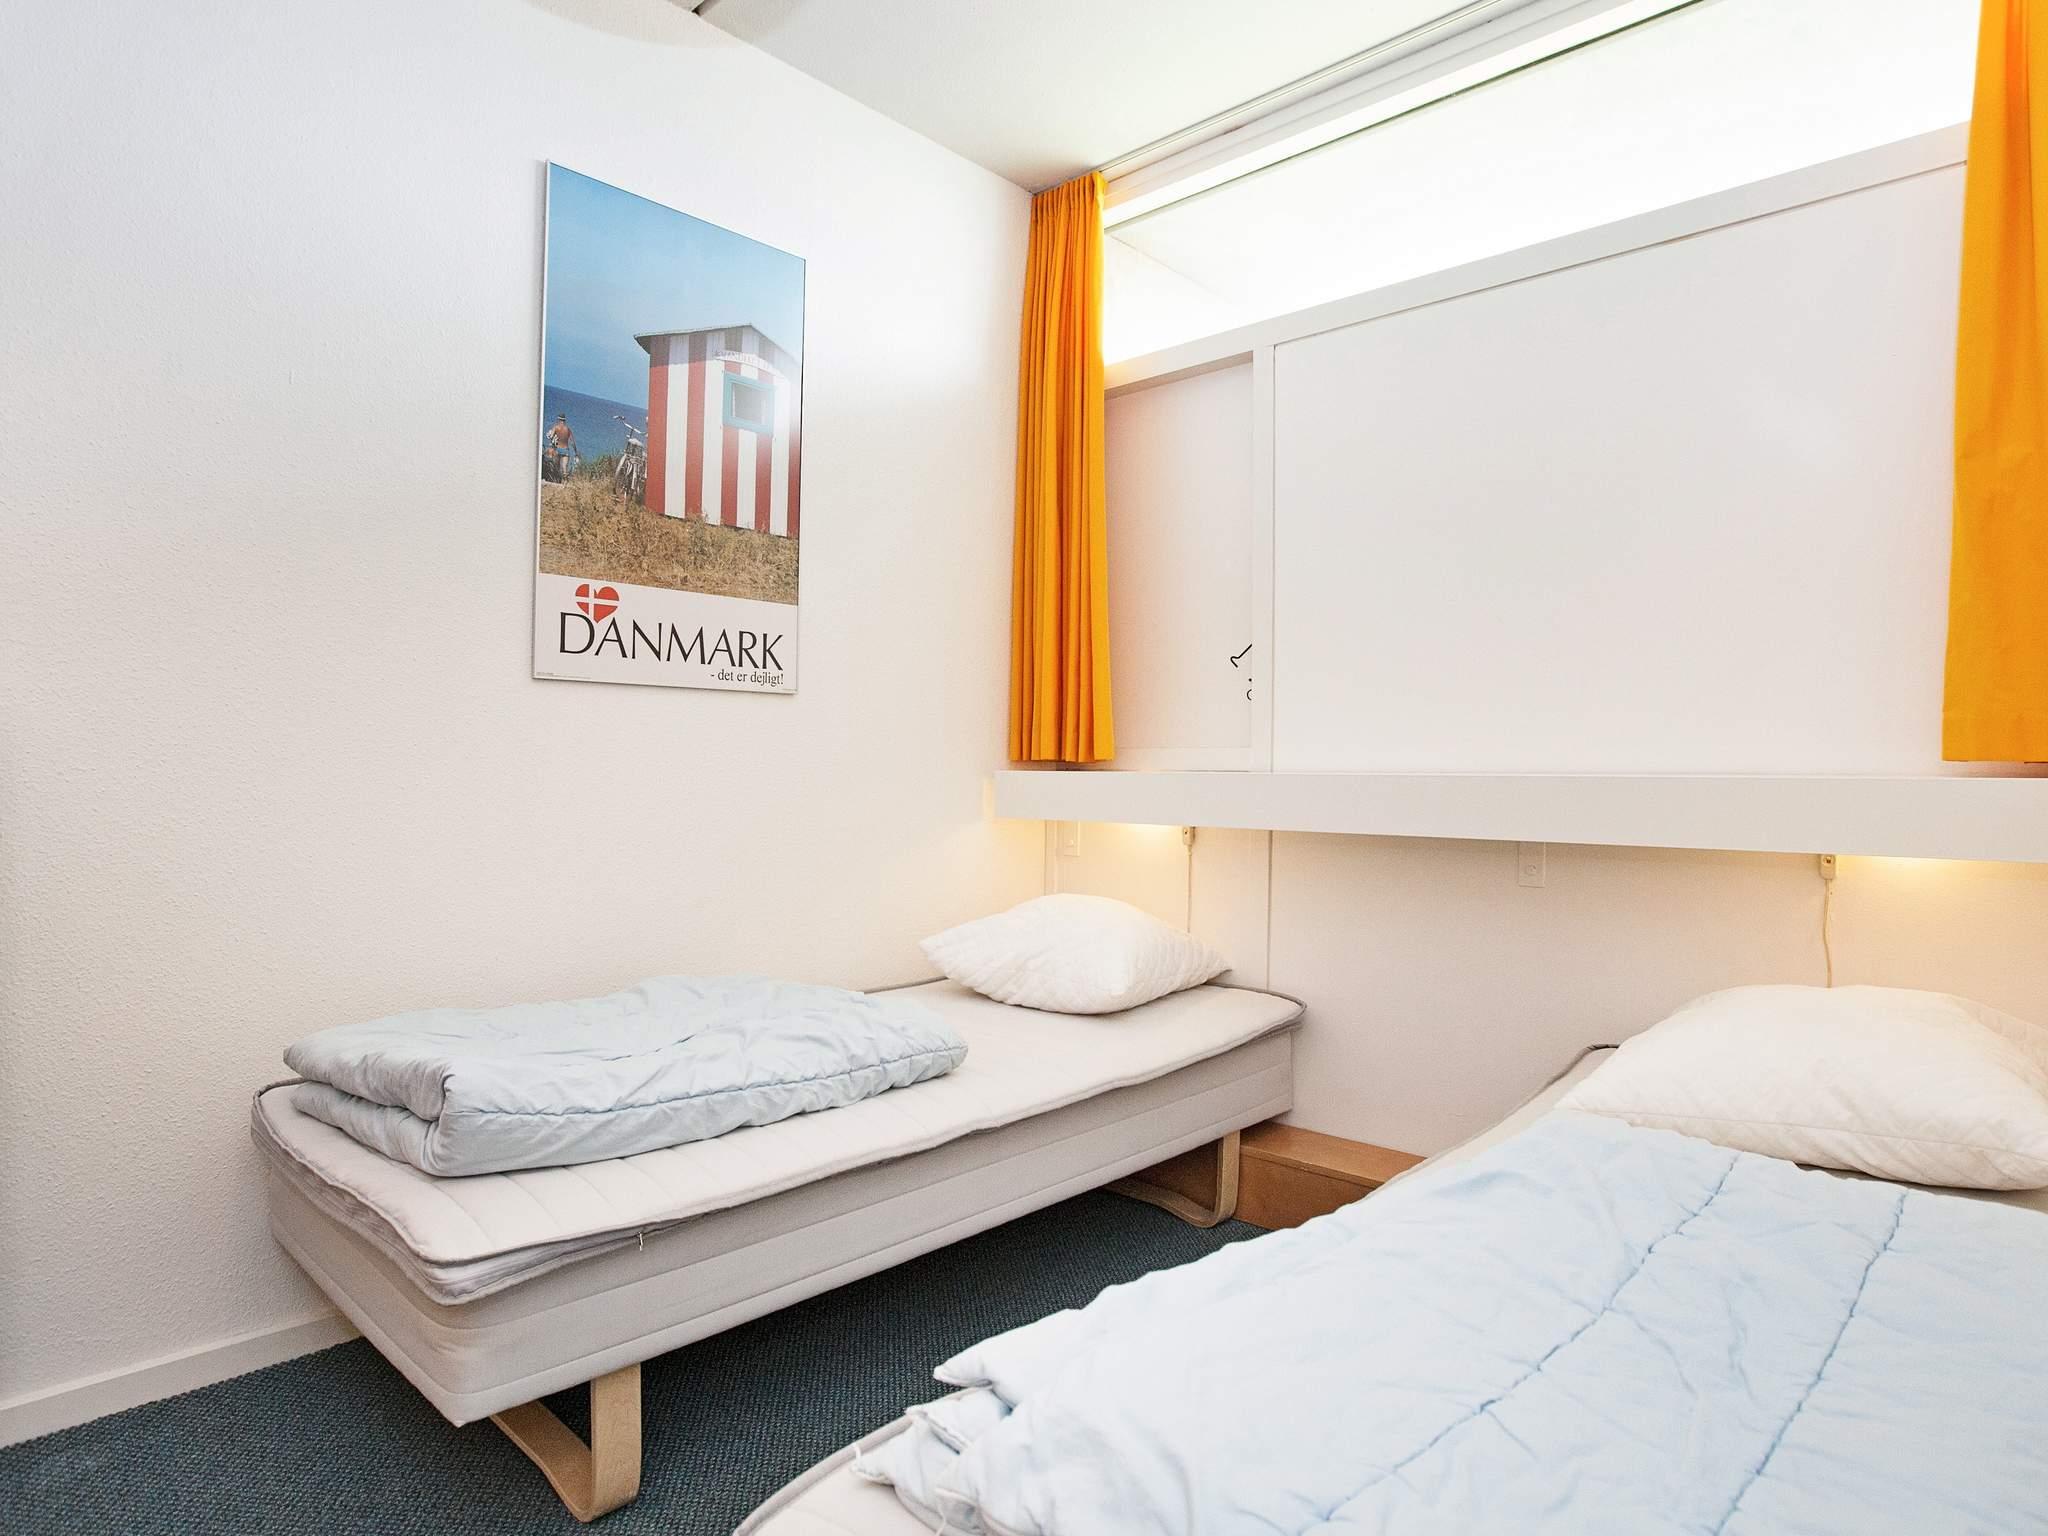 Ferienwohnung Hirtshals - Typ 1 - 2 Zimmer m/Meerblick (382686), Hirtshals, , Nordwestjütland, Dänemark, Bild 29